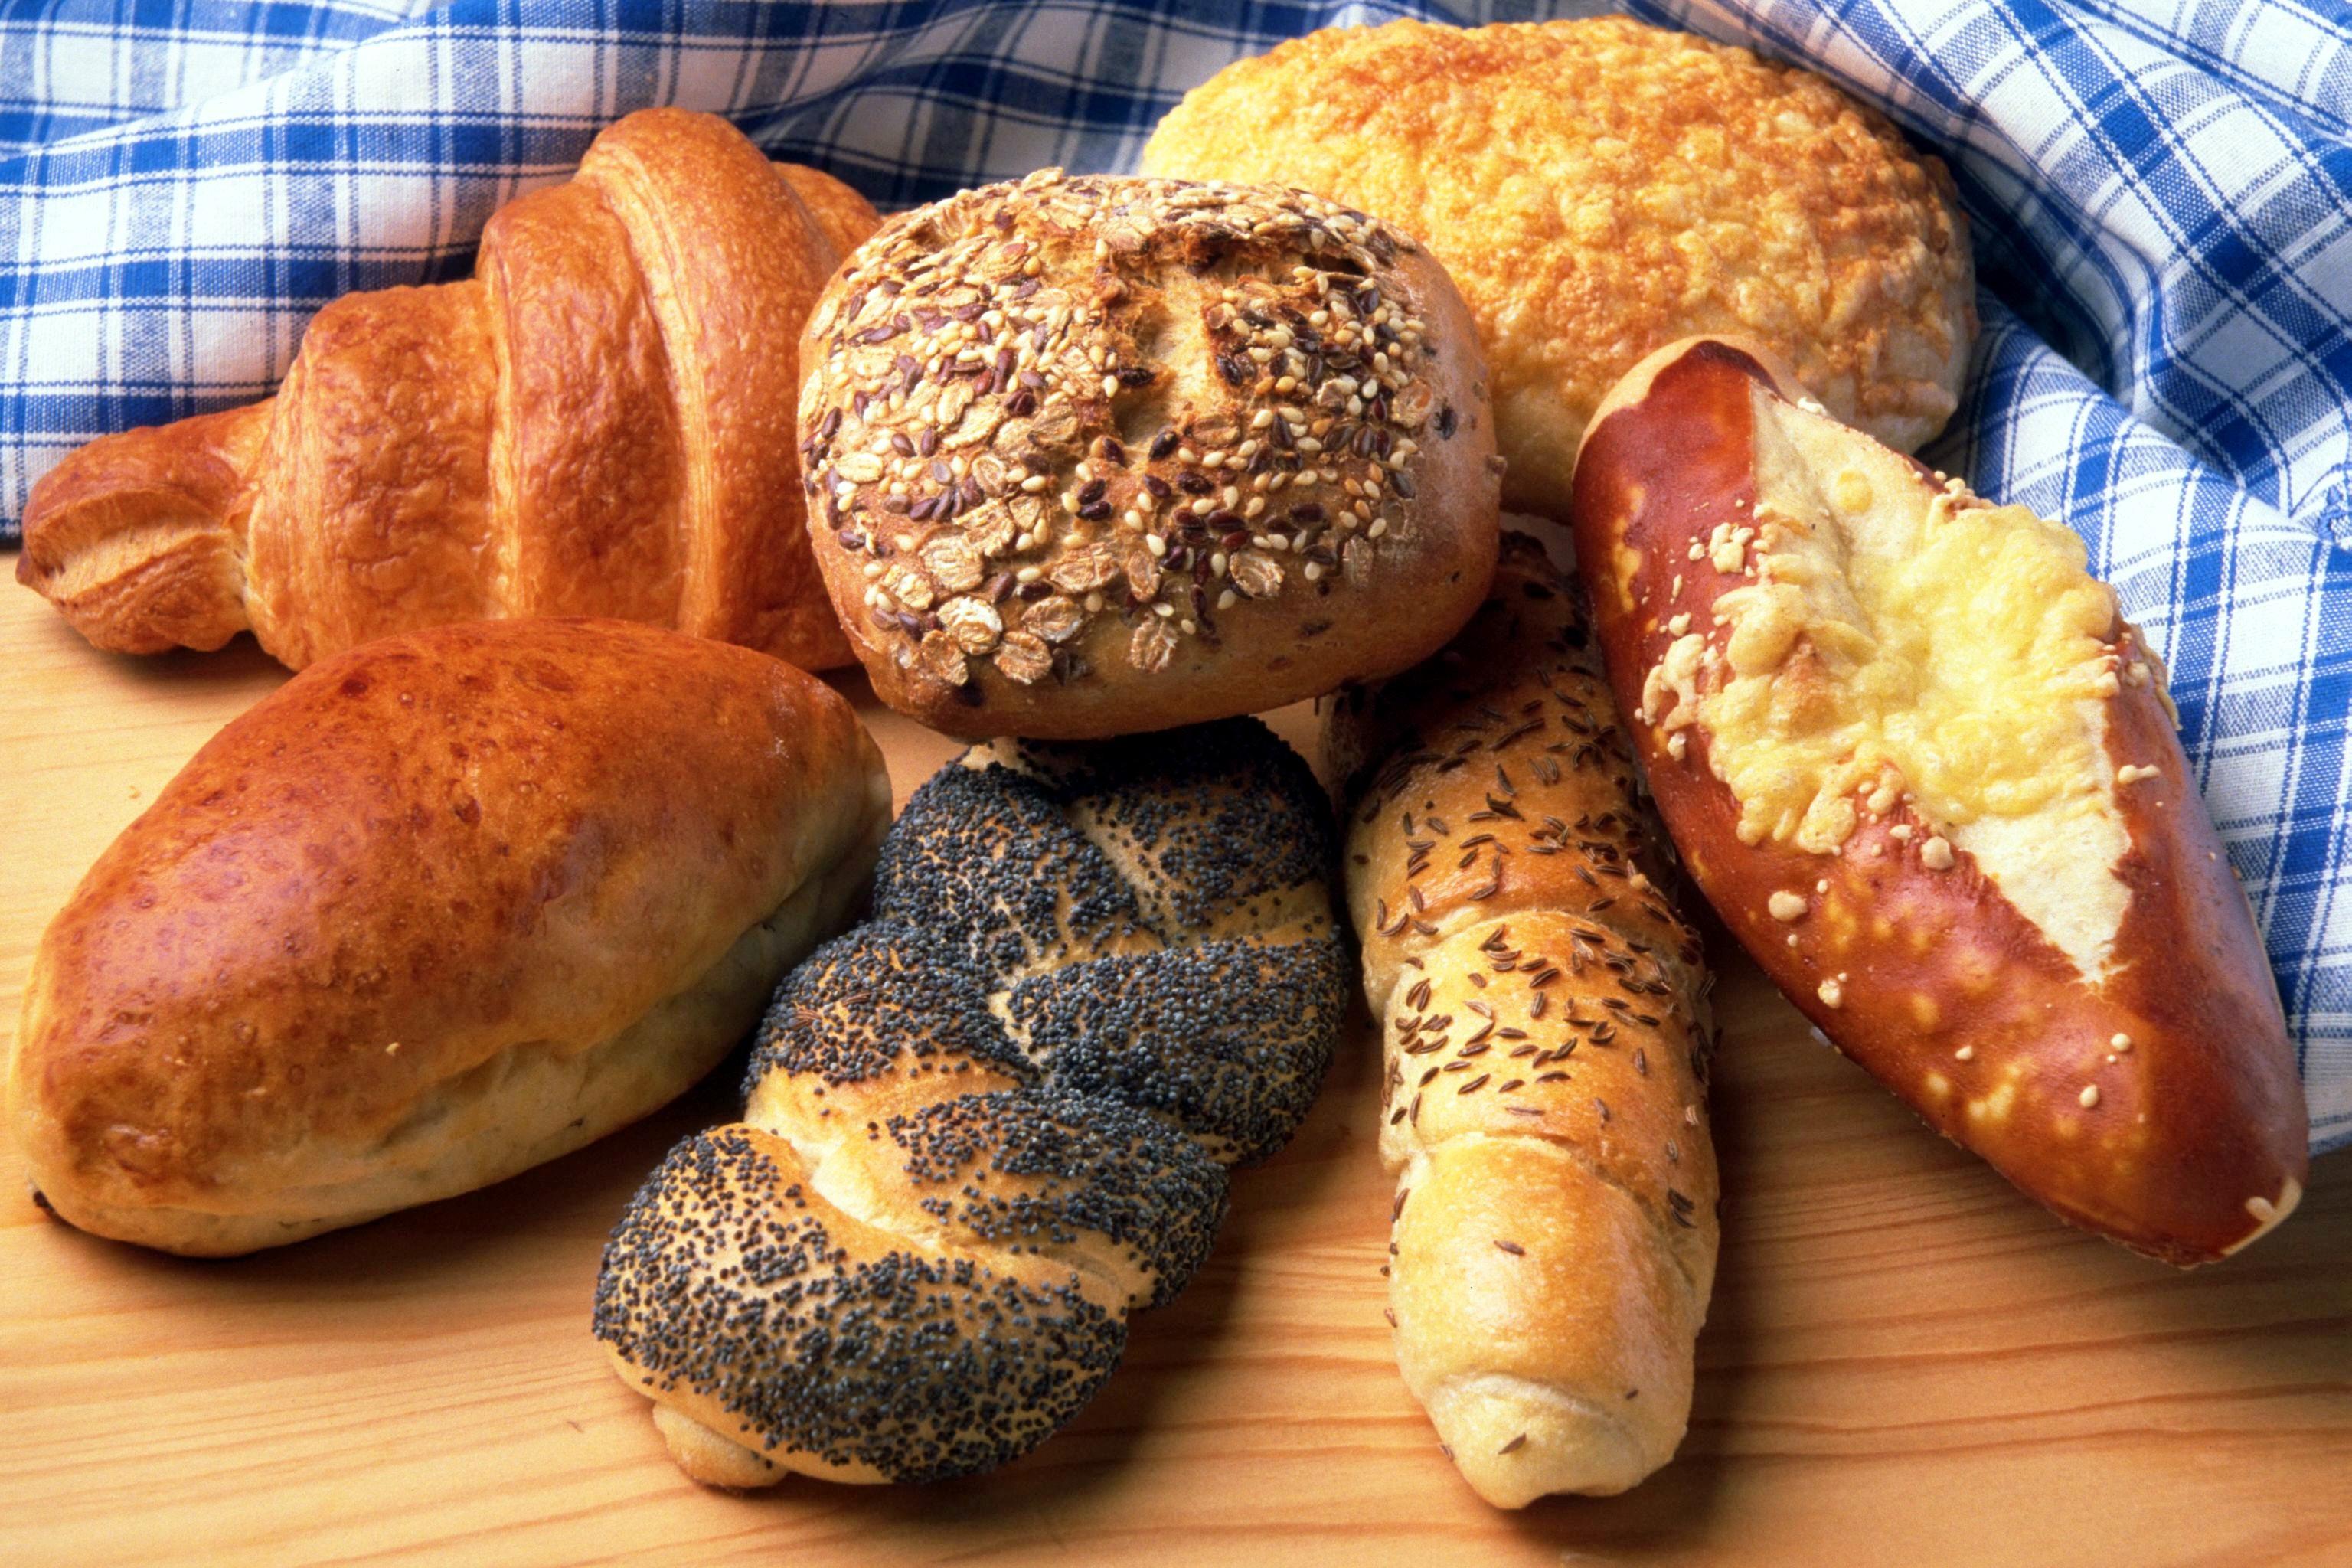 Assortment of Bread| ©Pexels/ Pixabay